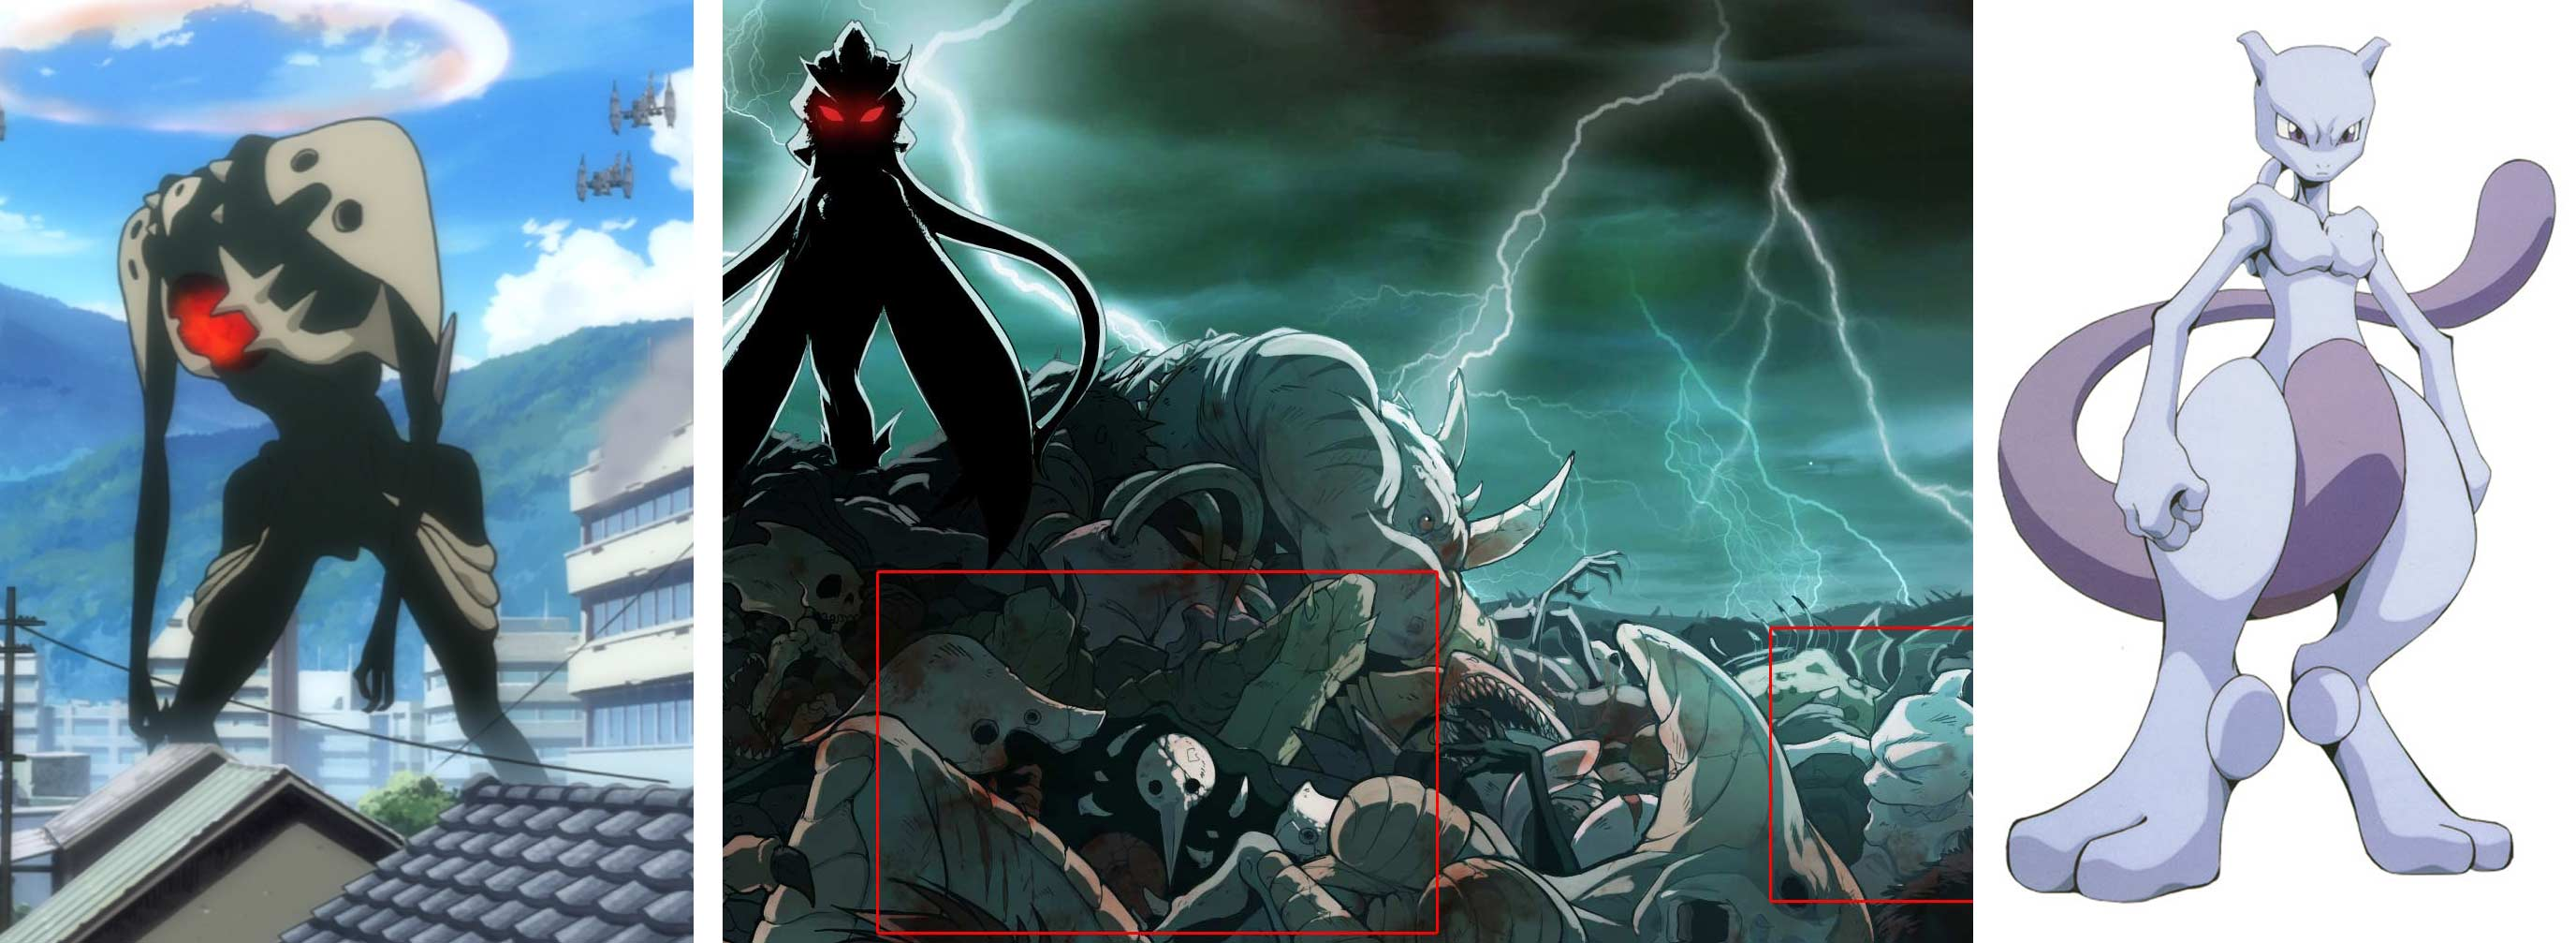 on peut voir le premier ange d'Evangelion et Mew Two de Pokemon.